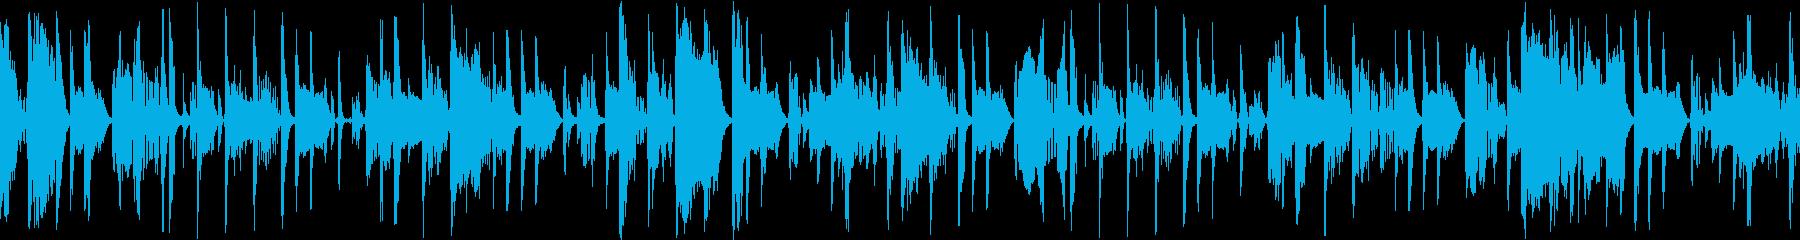 ダウンテンポでゆるいファンクの再生済みの波形